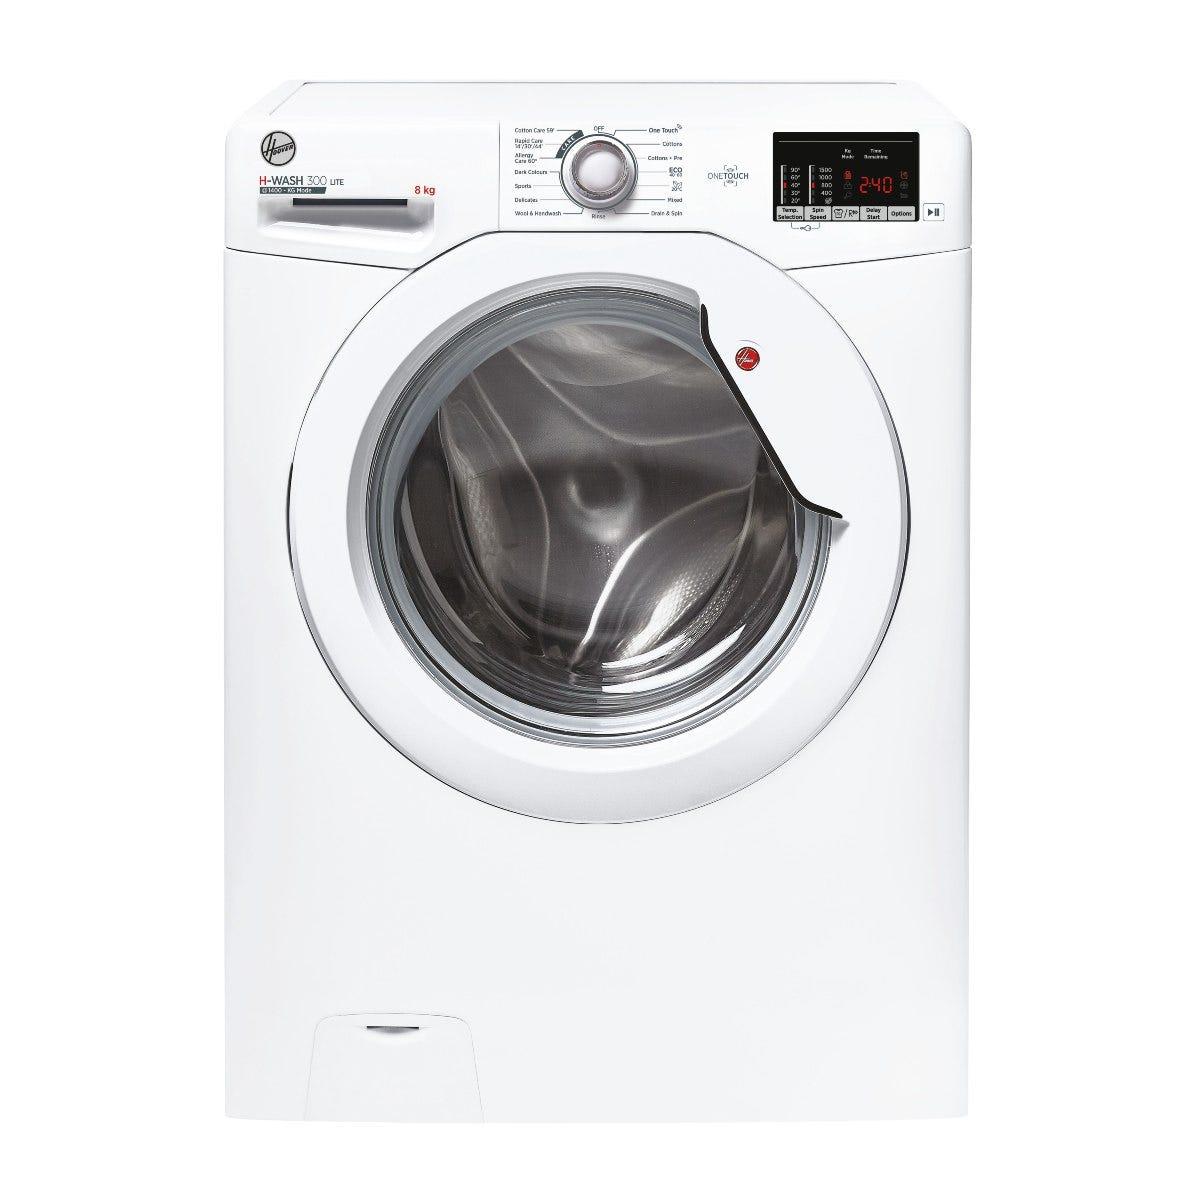 Hoover H3W 582DE H-Wash 300 8kg 1500rpm Washing Machine - White